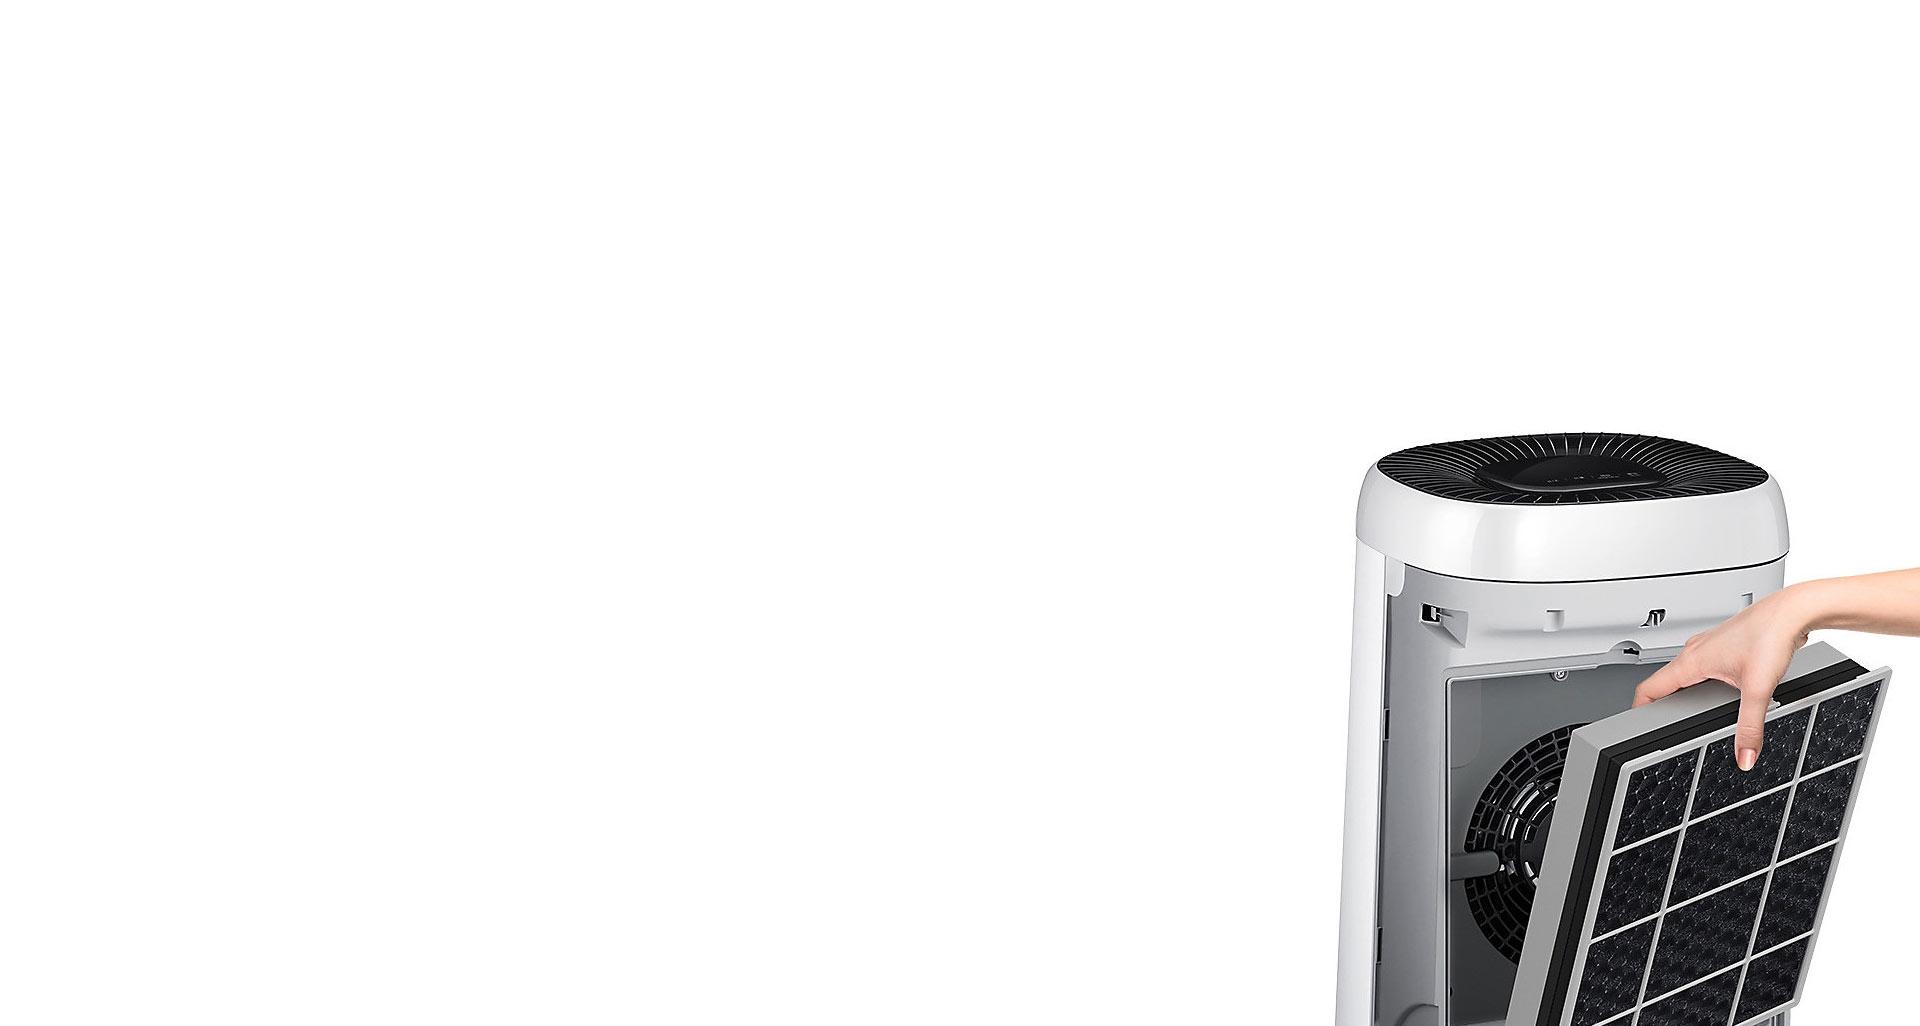 تمیزی راحت فیلترهای تصفیه هوای G35